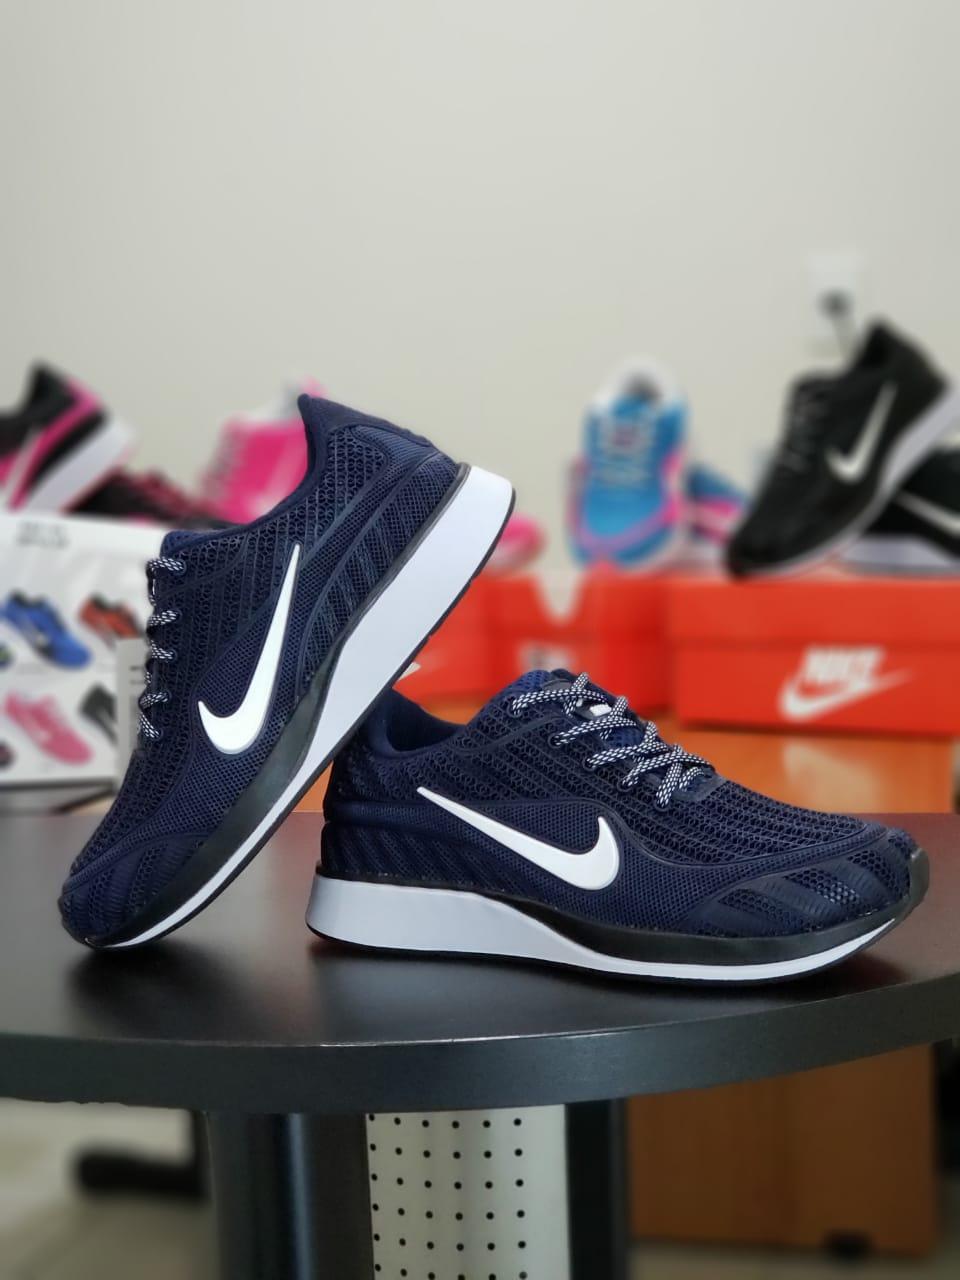 e3579eddd7a Atacado Tênis Nike Feminino 12 pares R 48 o par - LeveShoes